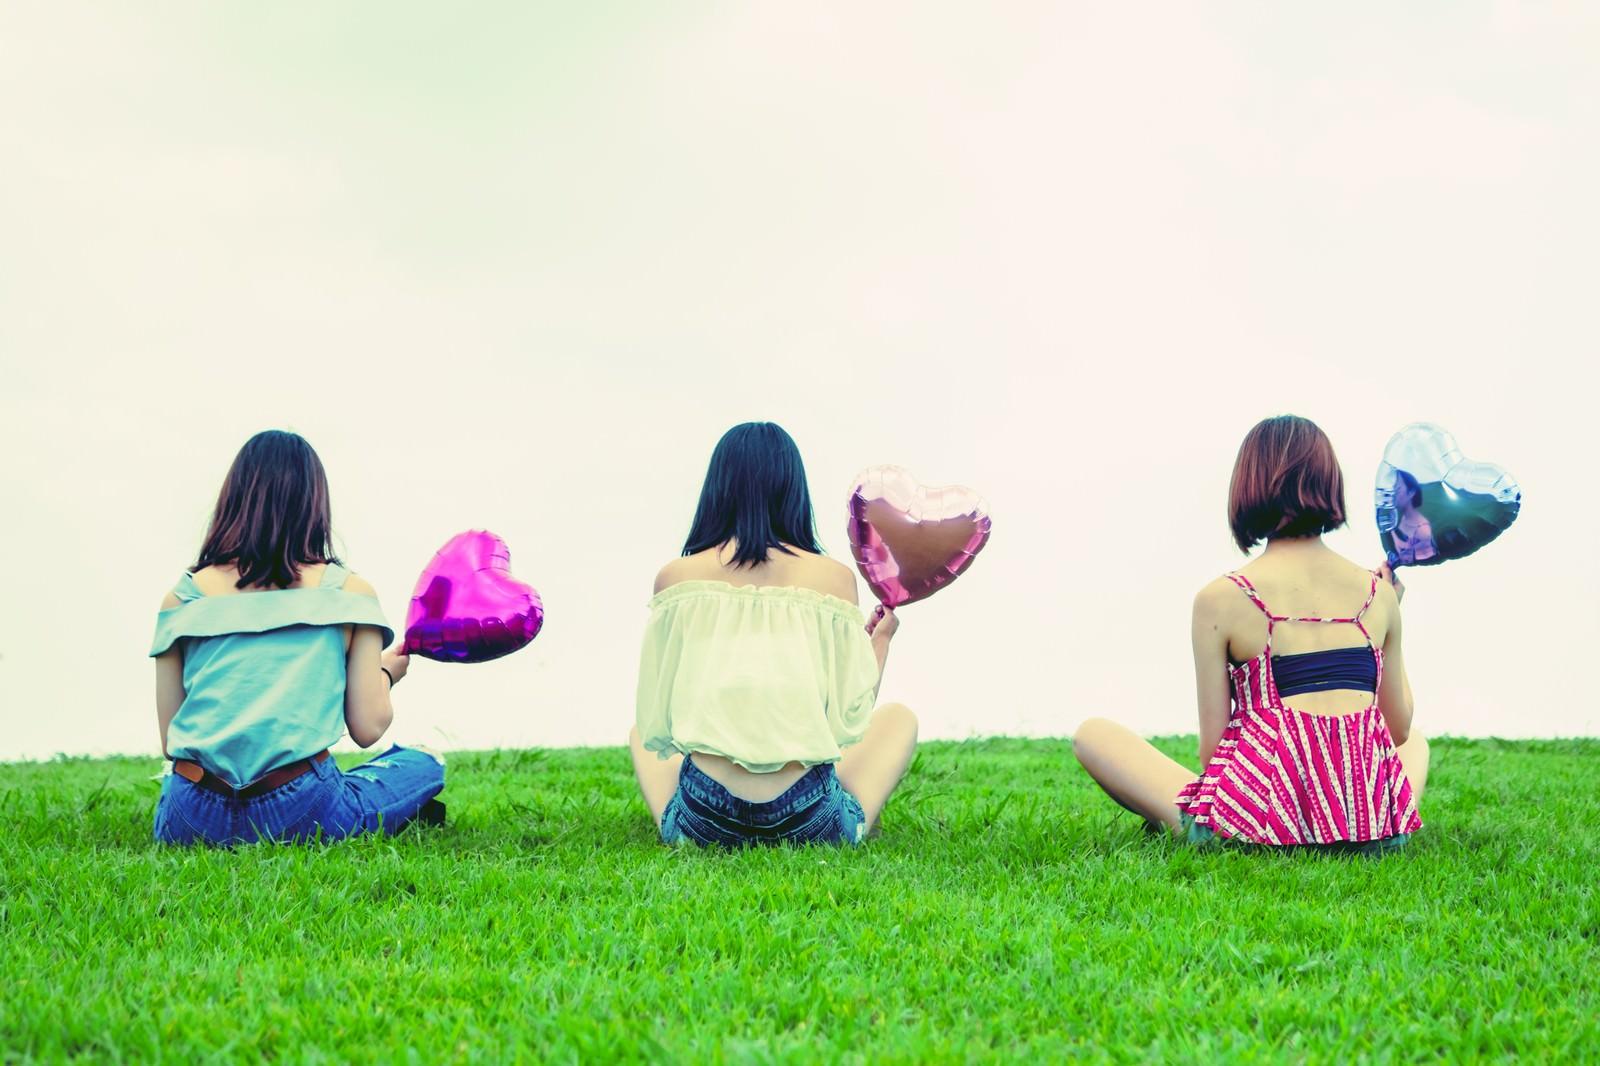 「ハートの風船を持った女性の後姿(三人組)」の写真